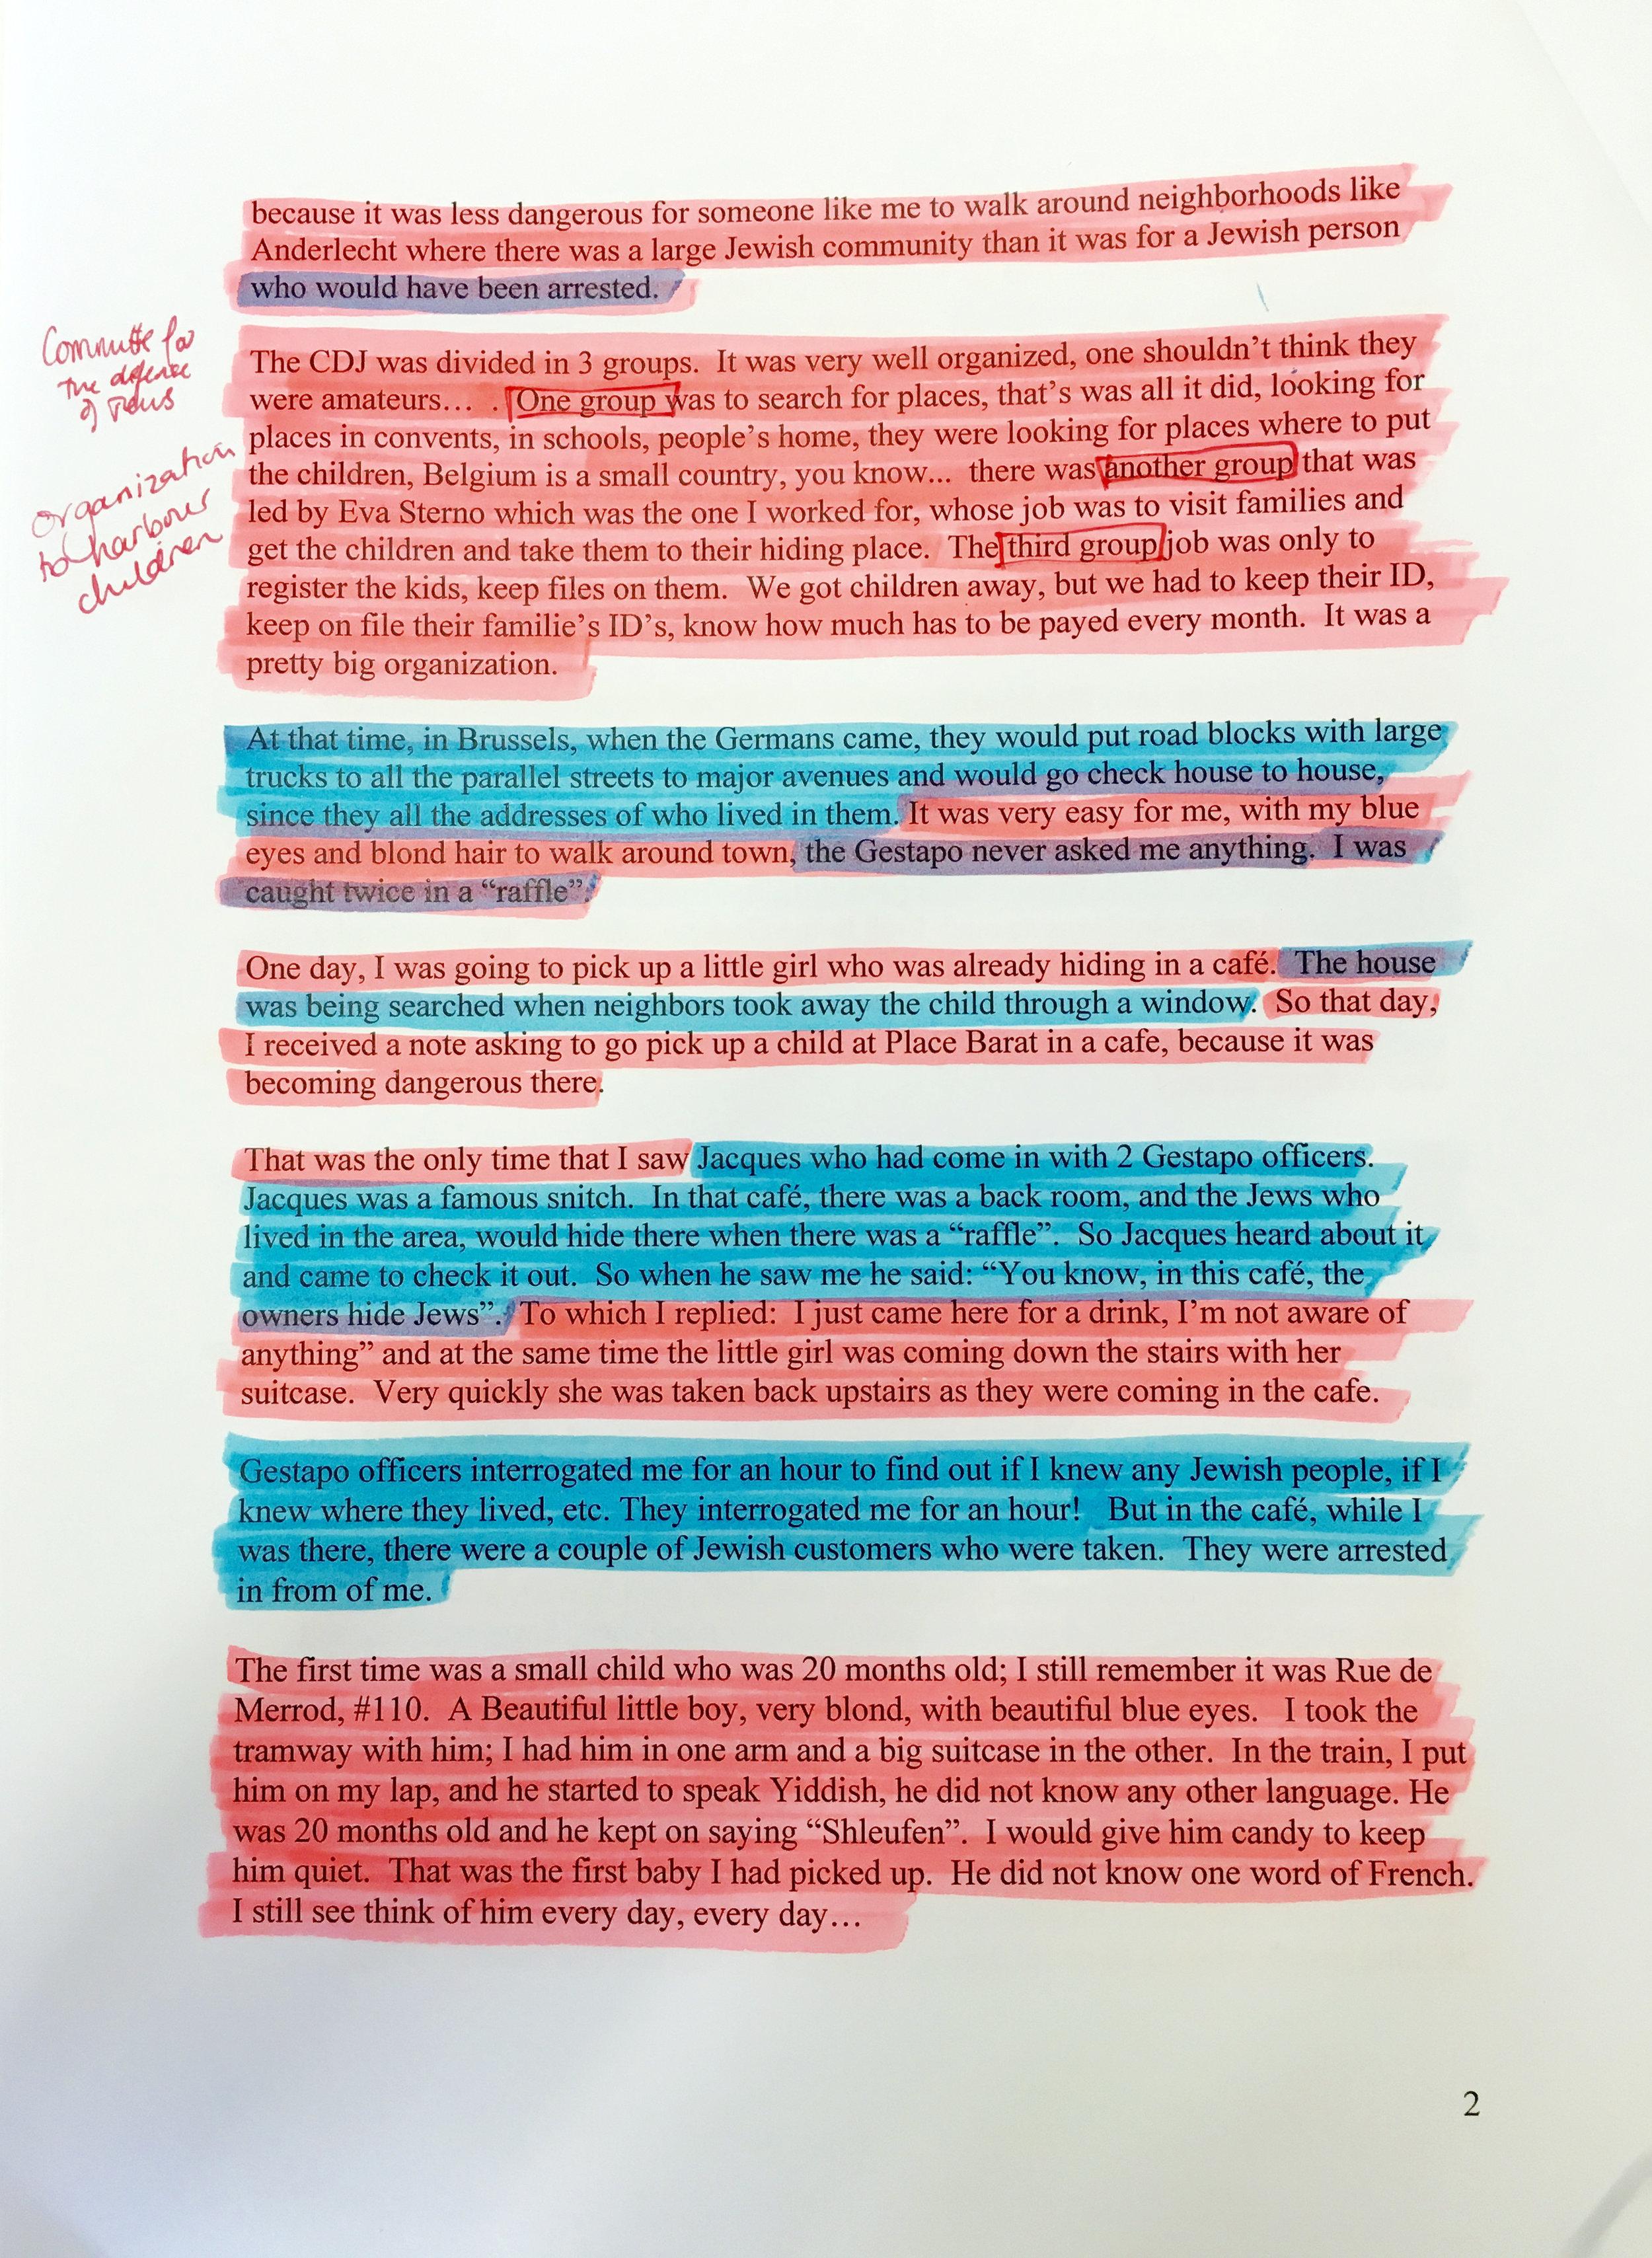 Andree Gallen's Testimony (2/3)